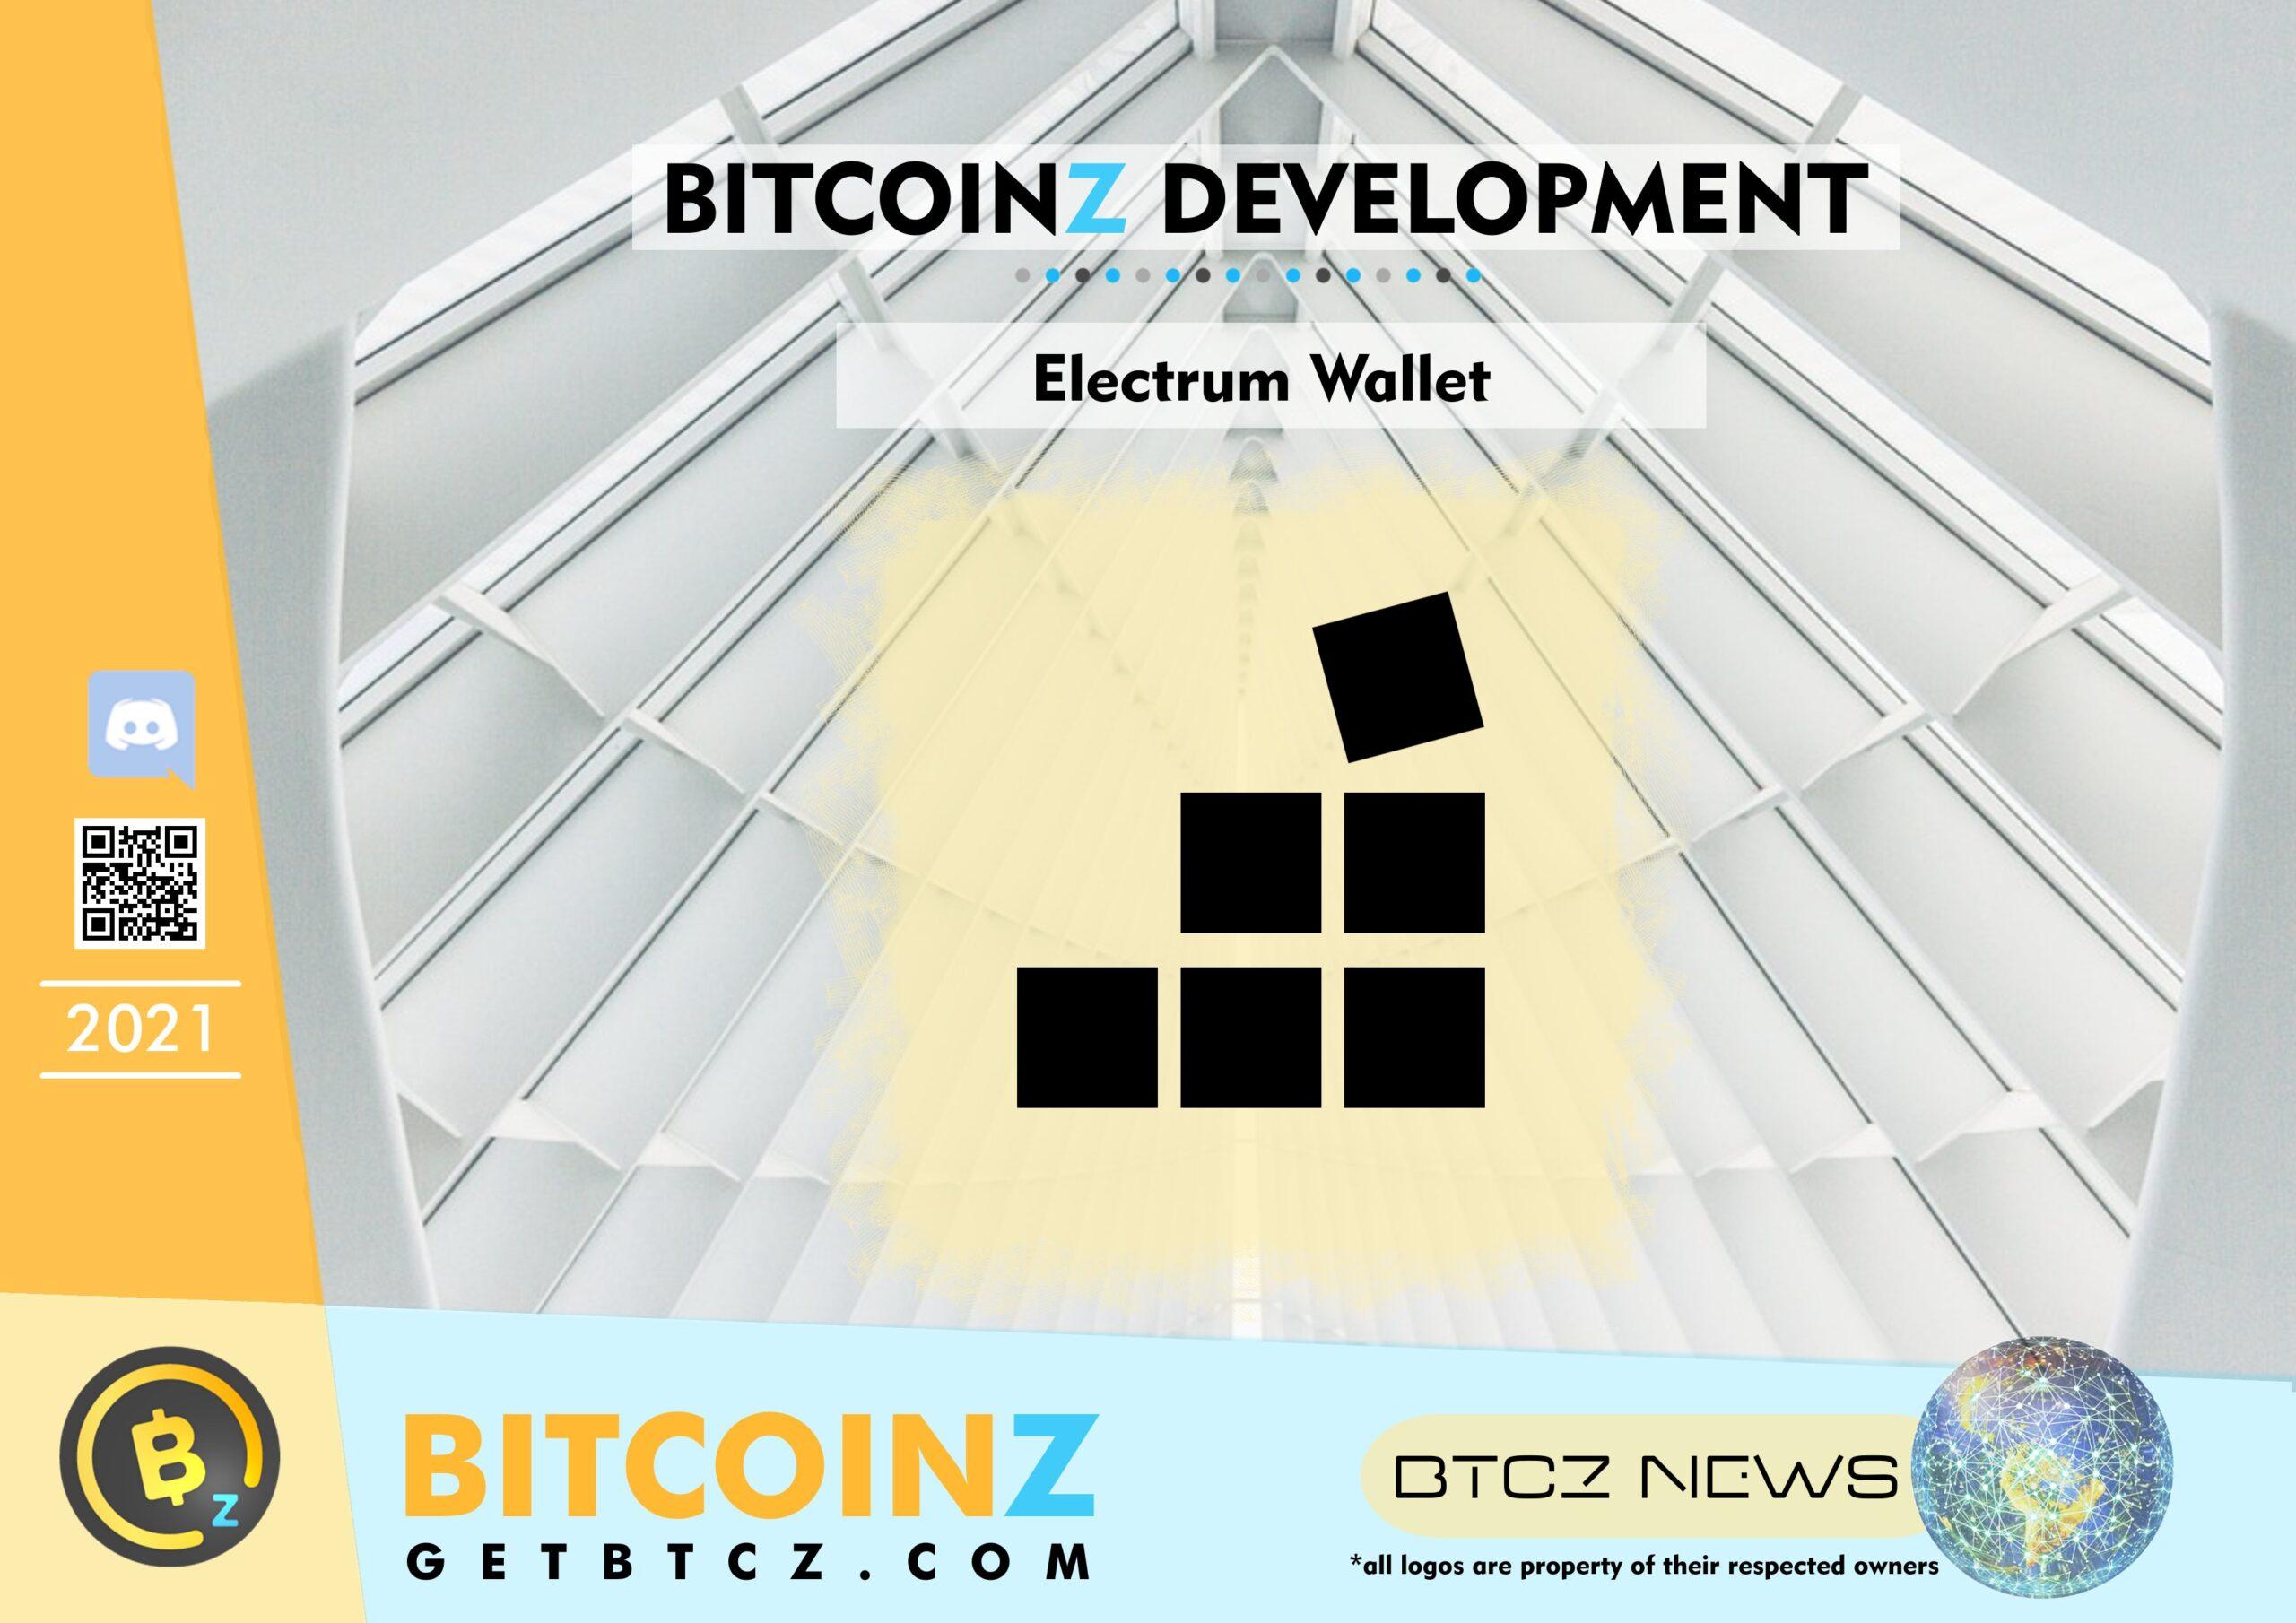 BITCOINZ ELECTRUM WALLET COMPLETED